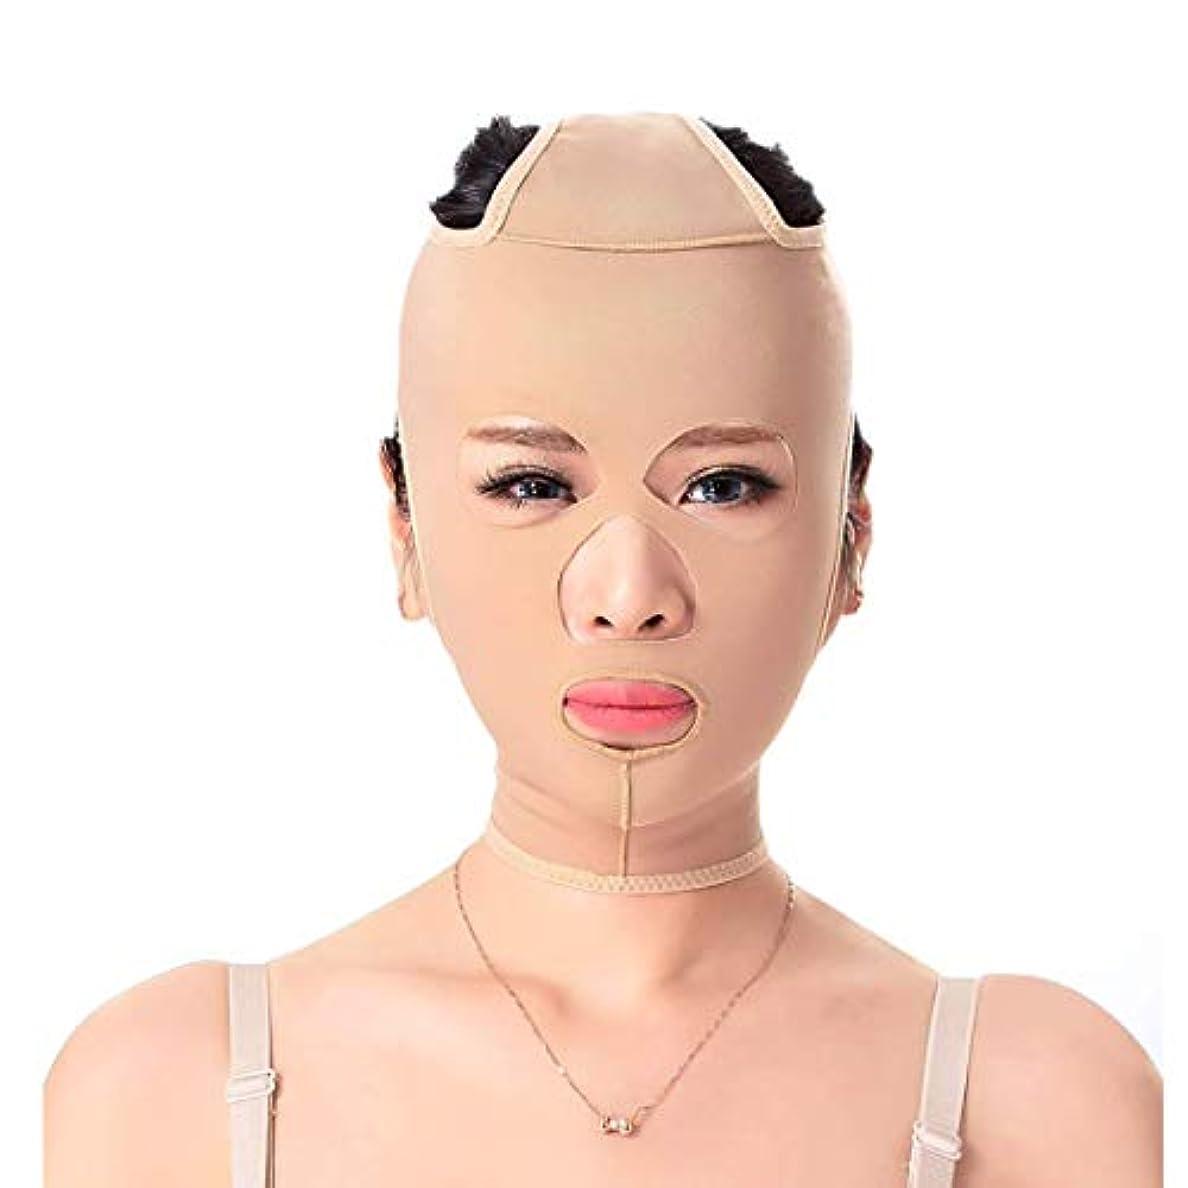 カウント浸漬市の中心部スリミングベルト、二重あごの引き締め顔面プラスチック顔アーティファクト強力な顔の包帯を脇に持ち上げるパターンを欺くためのフェイシャルマスク薄いフェイスマスク(サイズ:XXL),ザ?